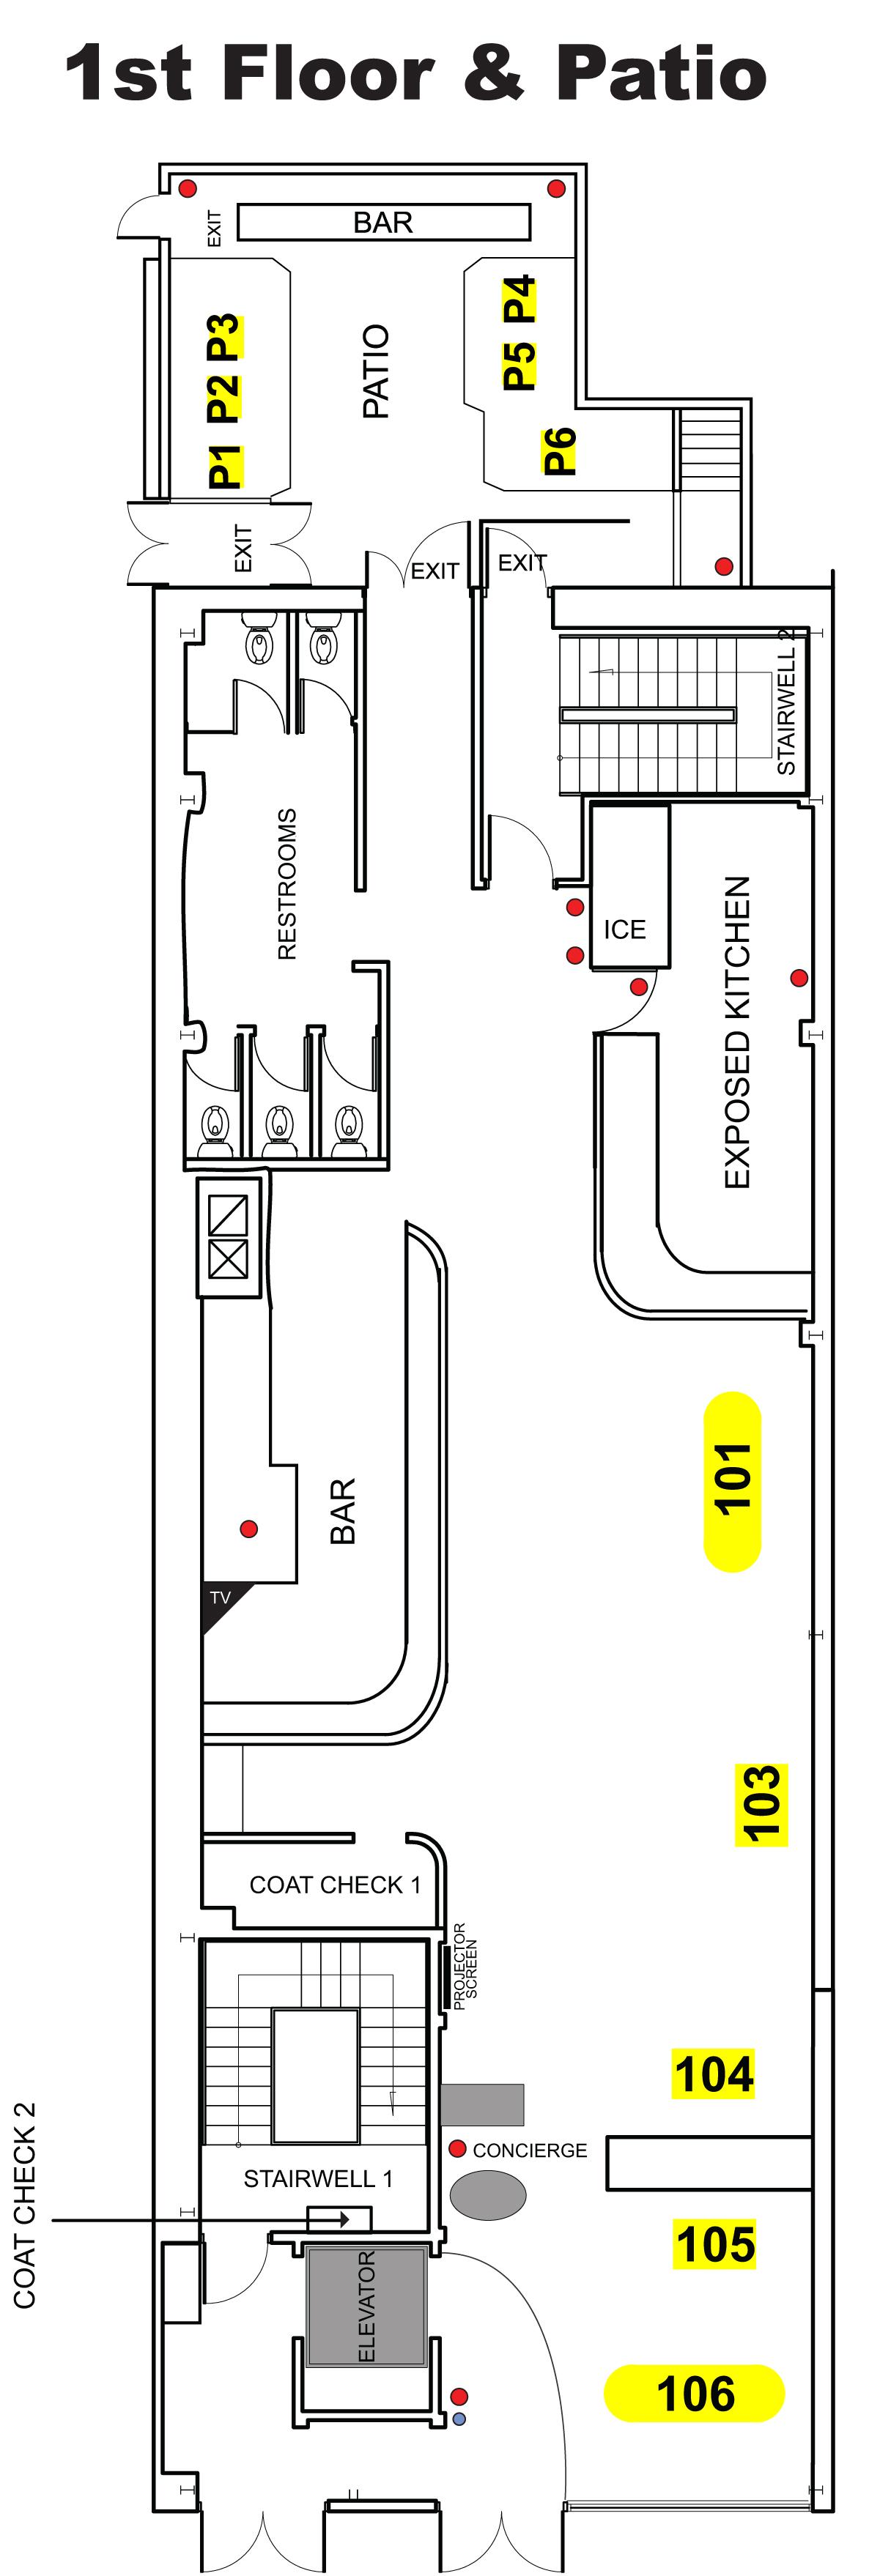 Bottle Service Floor Plan June 2018 v2-1.jpg